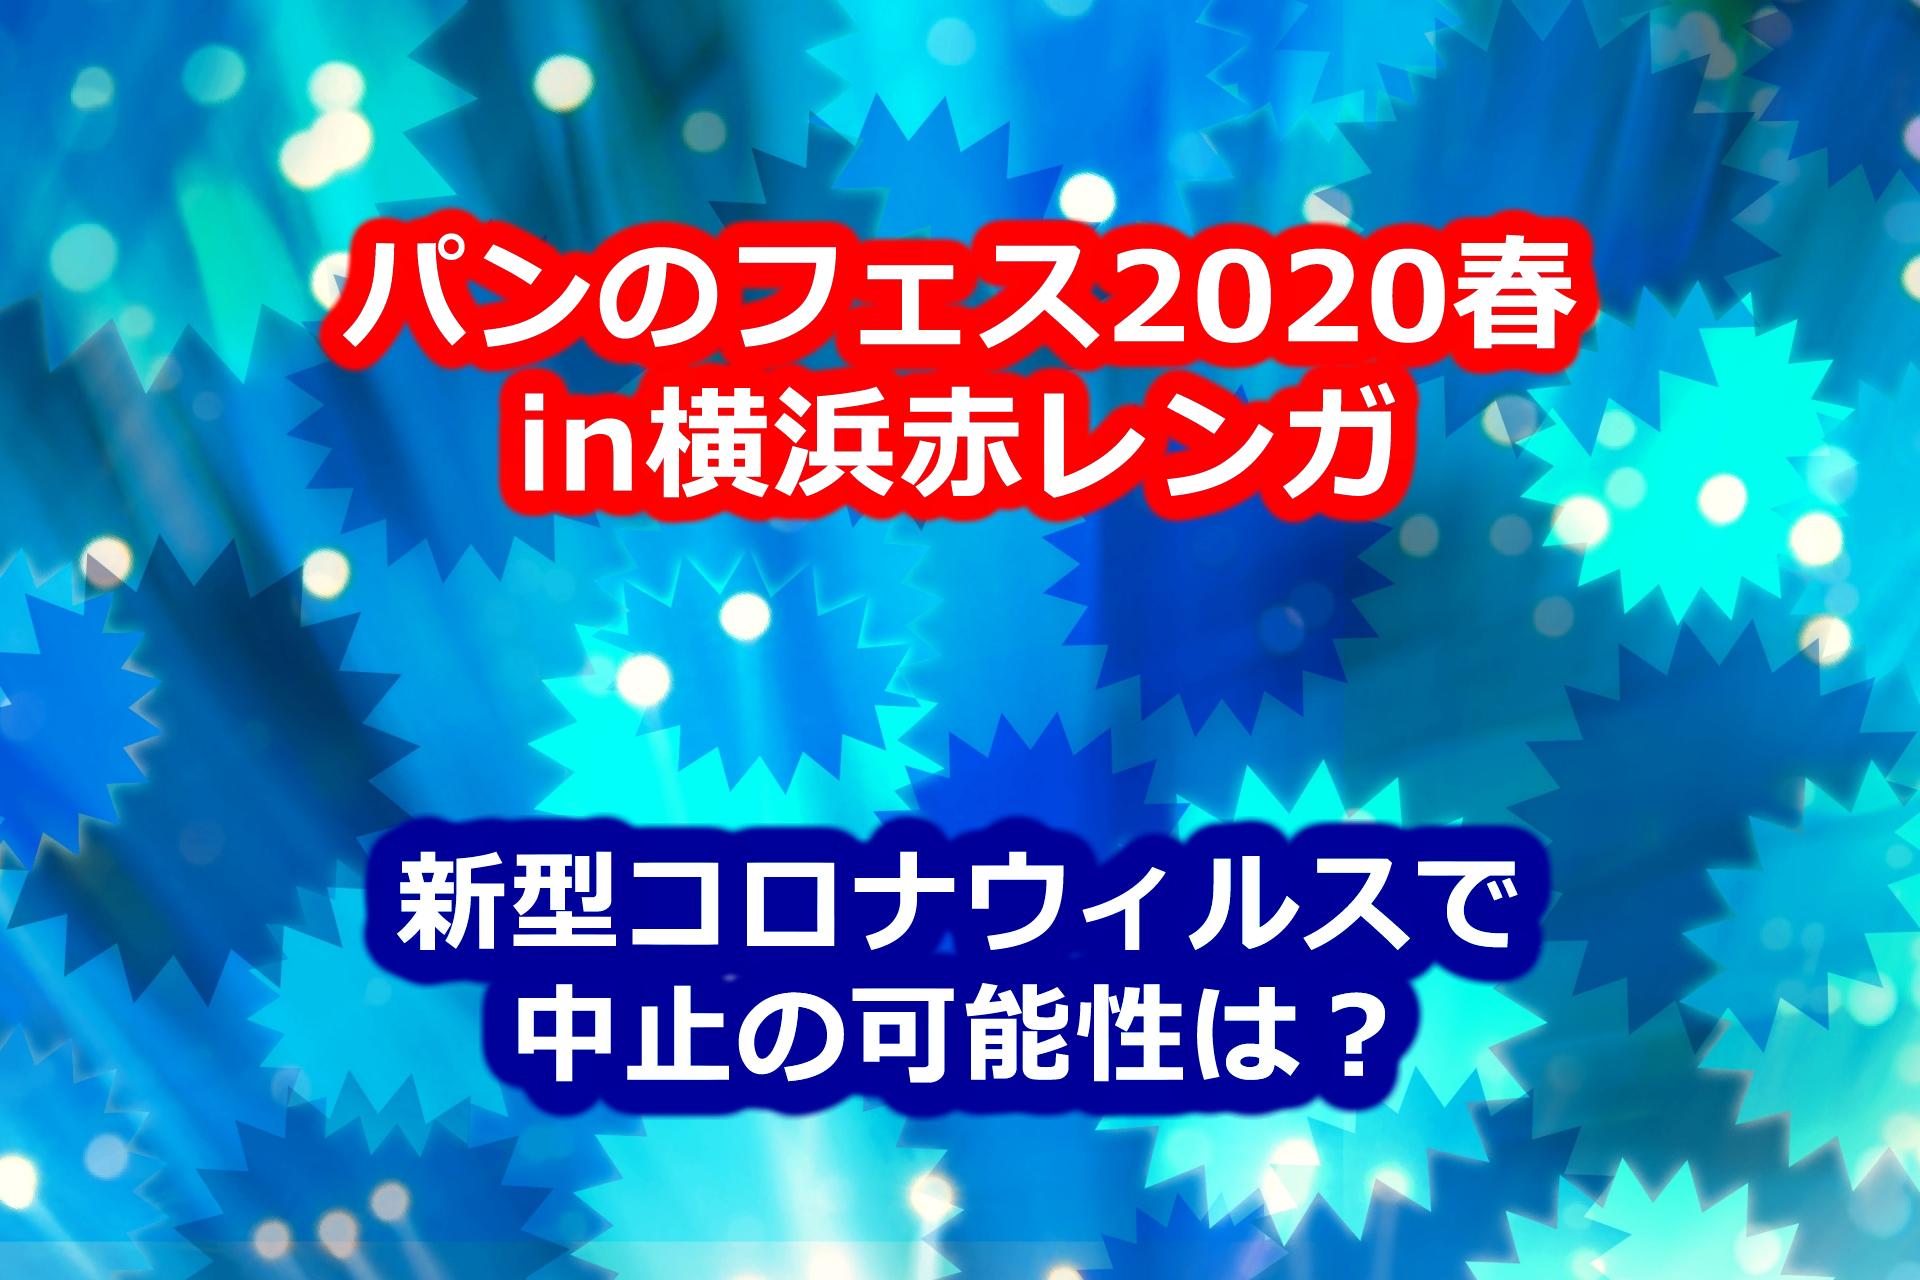 パンのフェス2020春in横浜赤レンガ新型コロナウィルスの影響で中止の可能性は?